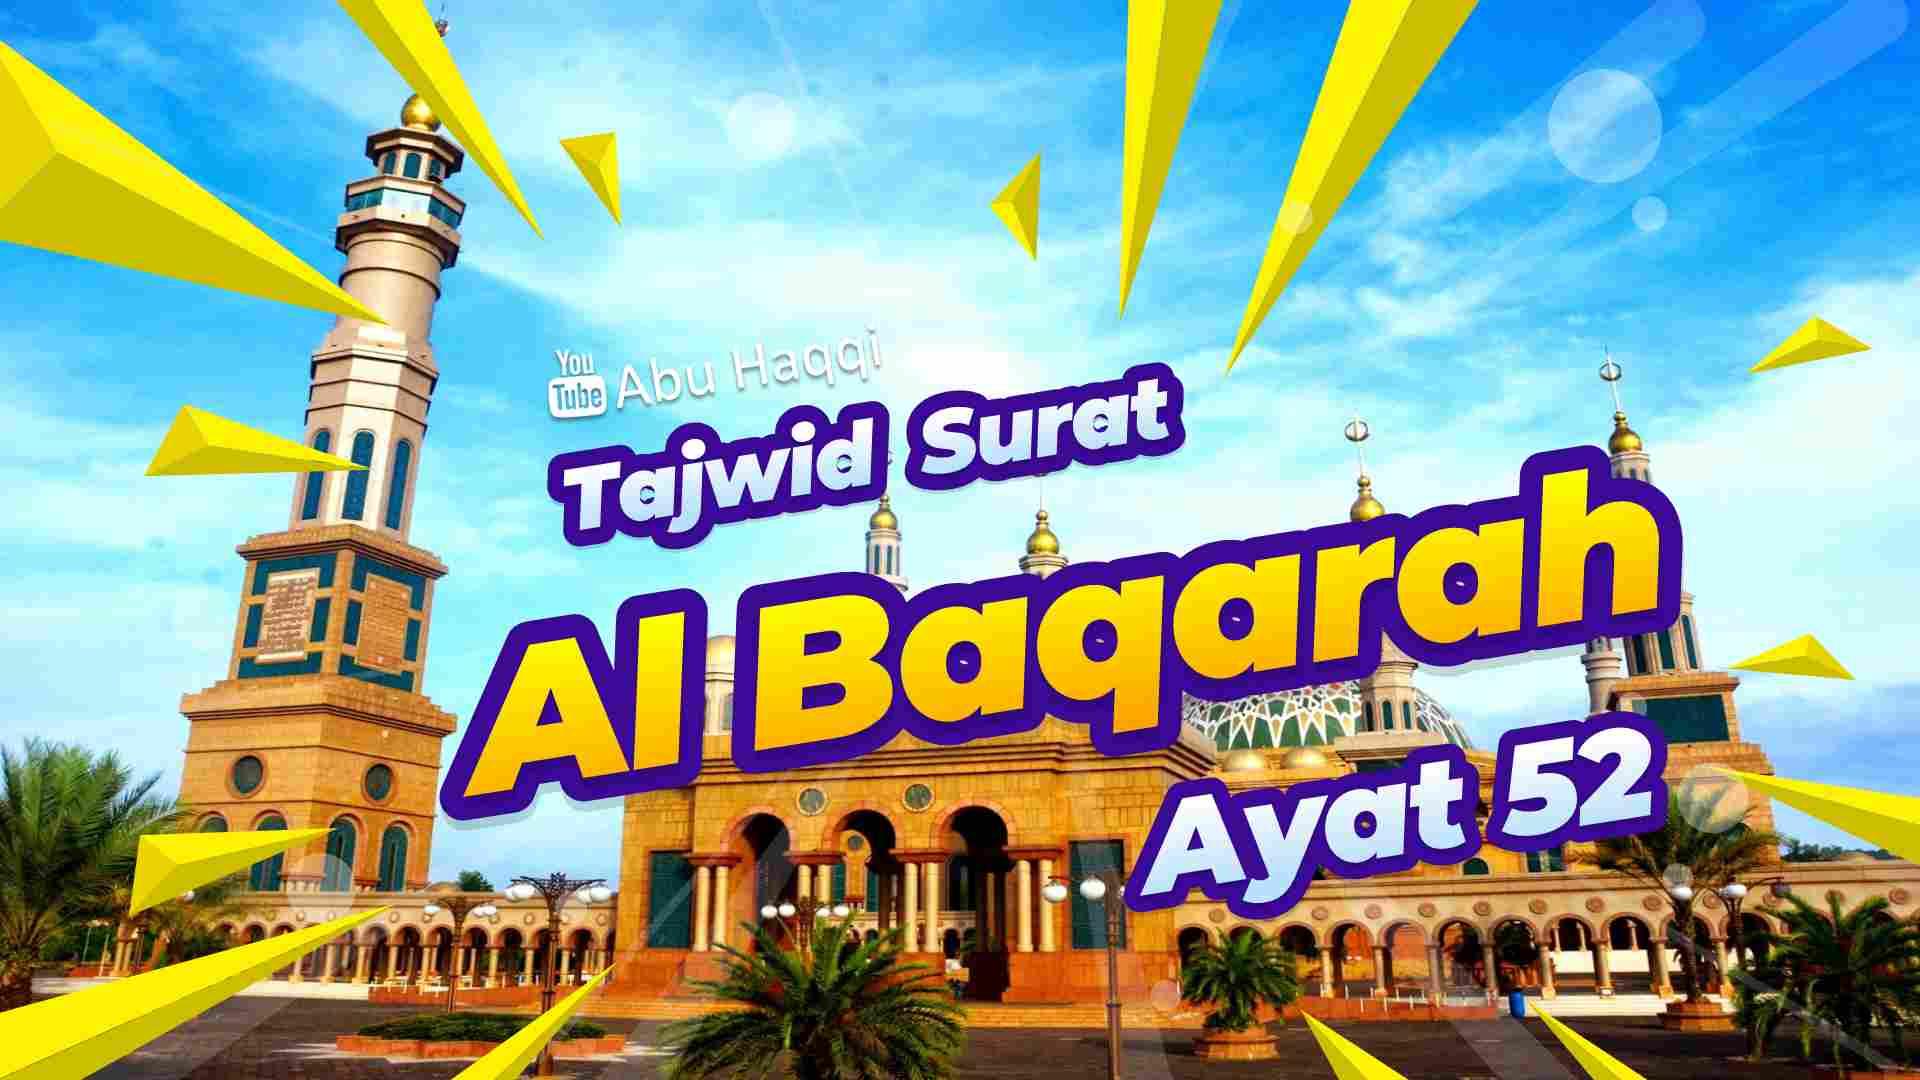 Tajwid surat Al Baqarah ayat 52